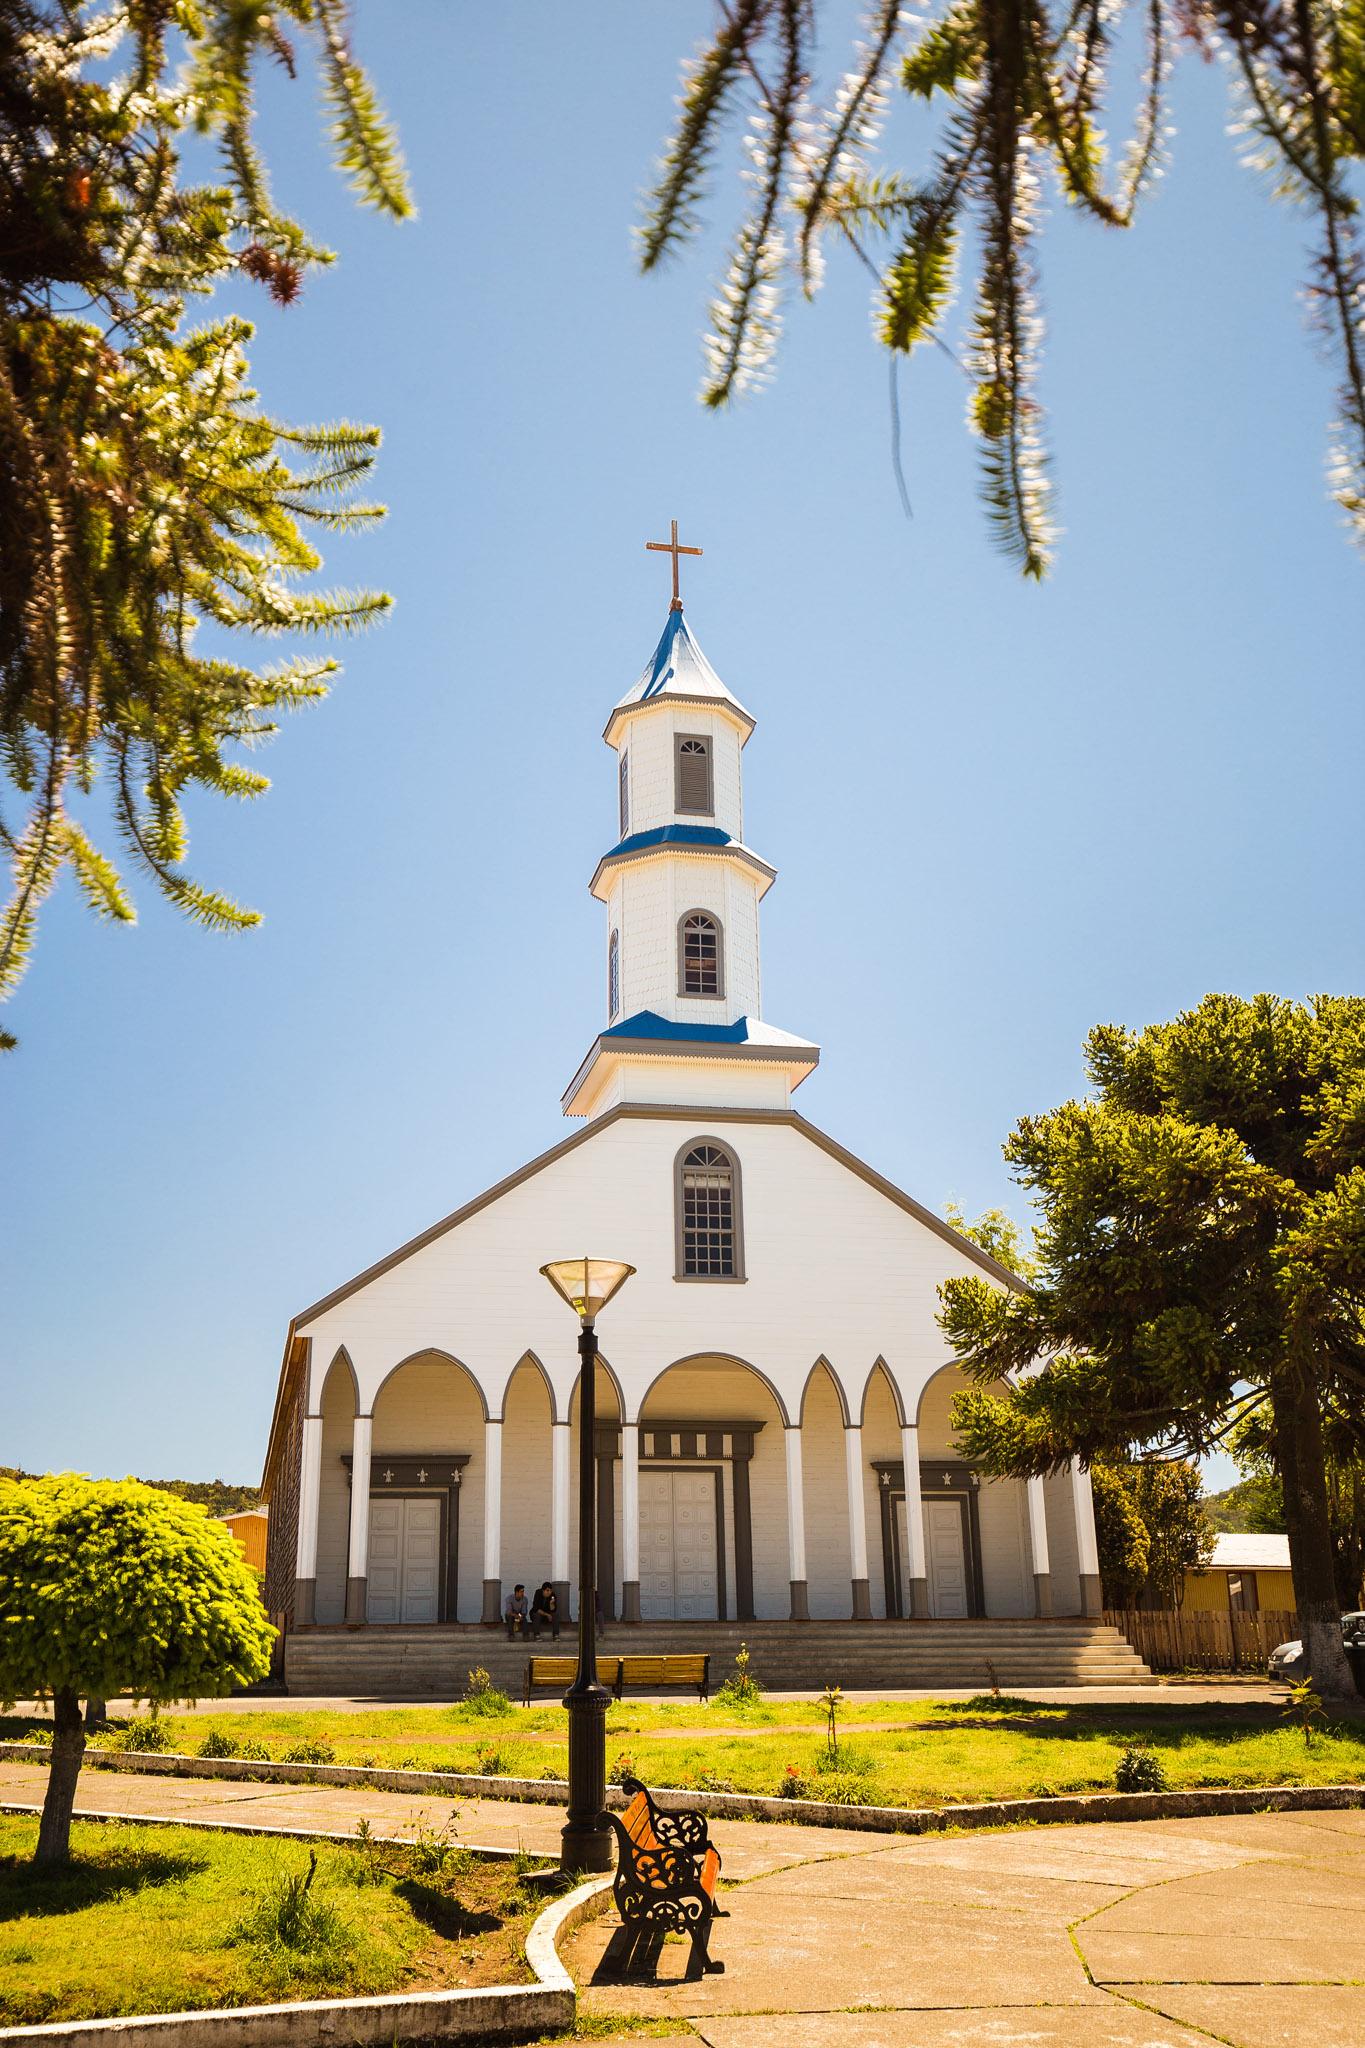 Wooden church in Dalcahue, Chiloé